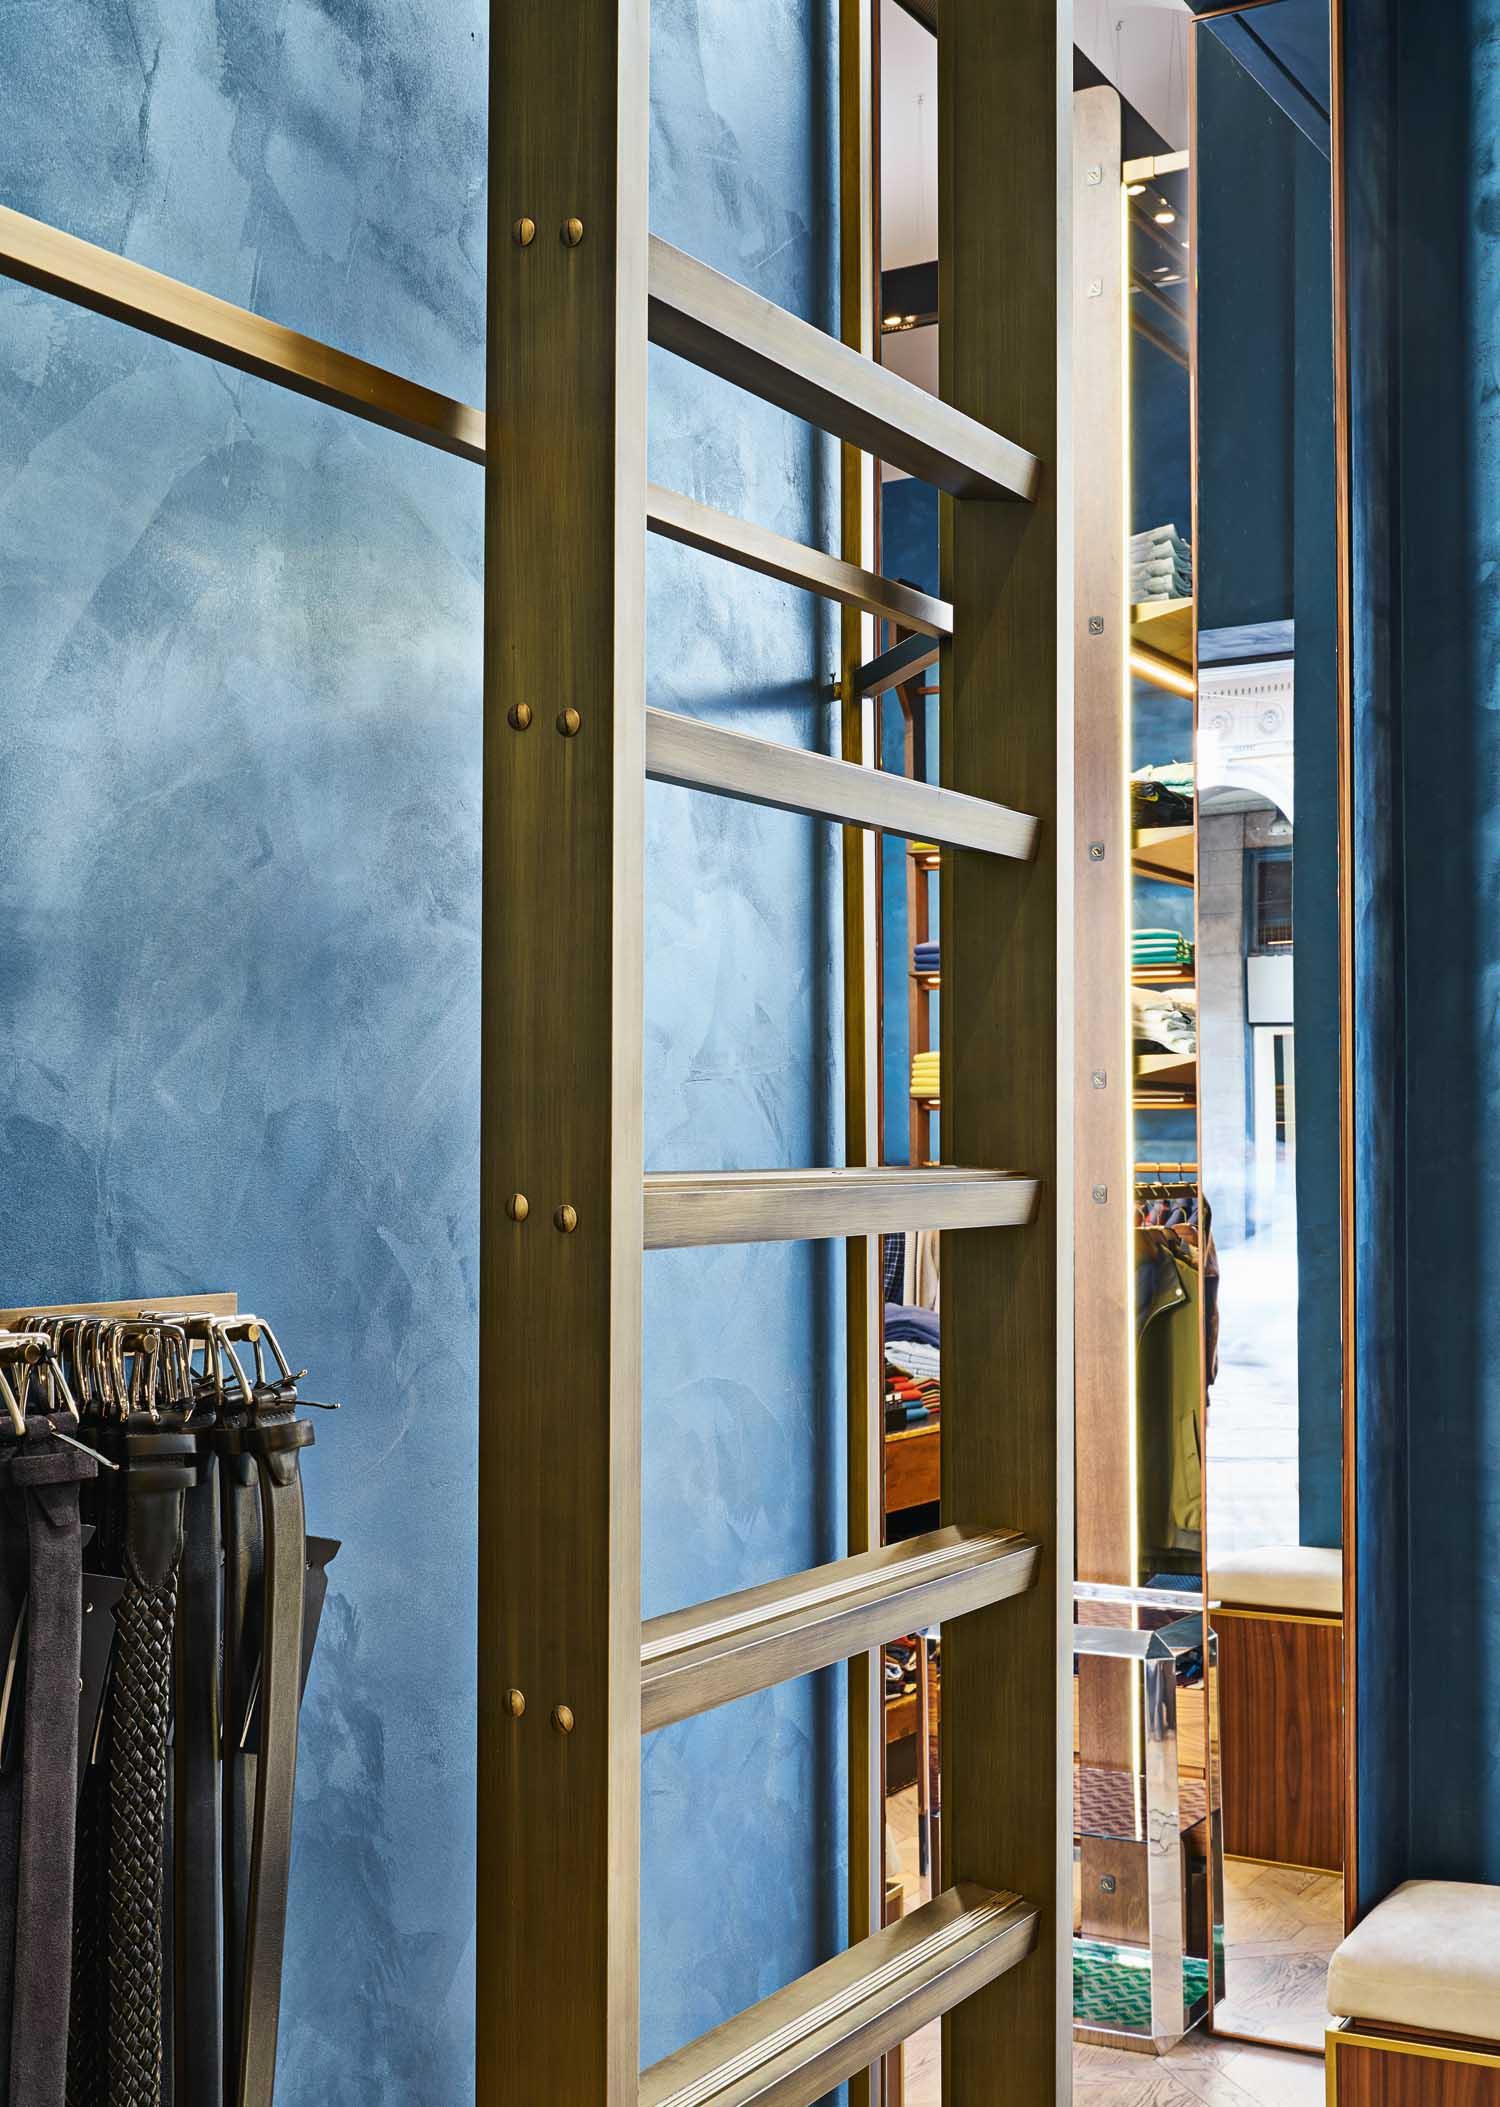 Boutique Drumohr, Milano - © Lorenzo Pennati, courtesy m2atelier Il blu delle pareti crea un equilibrato contrasto con il bianco caldo dei soffitti, mentre la dilatazione dello spazio architettonico in verticale e le sue geometrie creano continui giochi prospettici nei diversi punti del negozio.